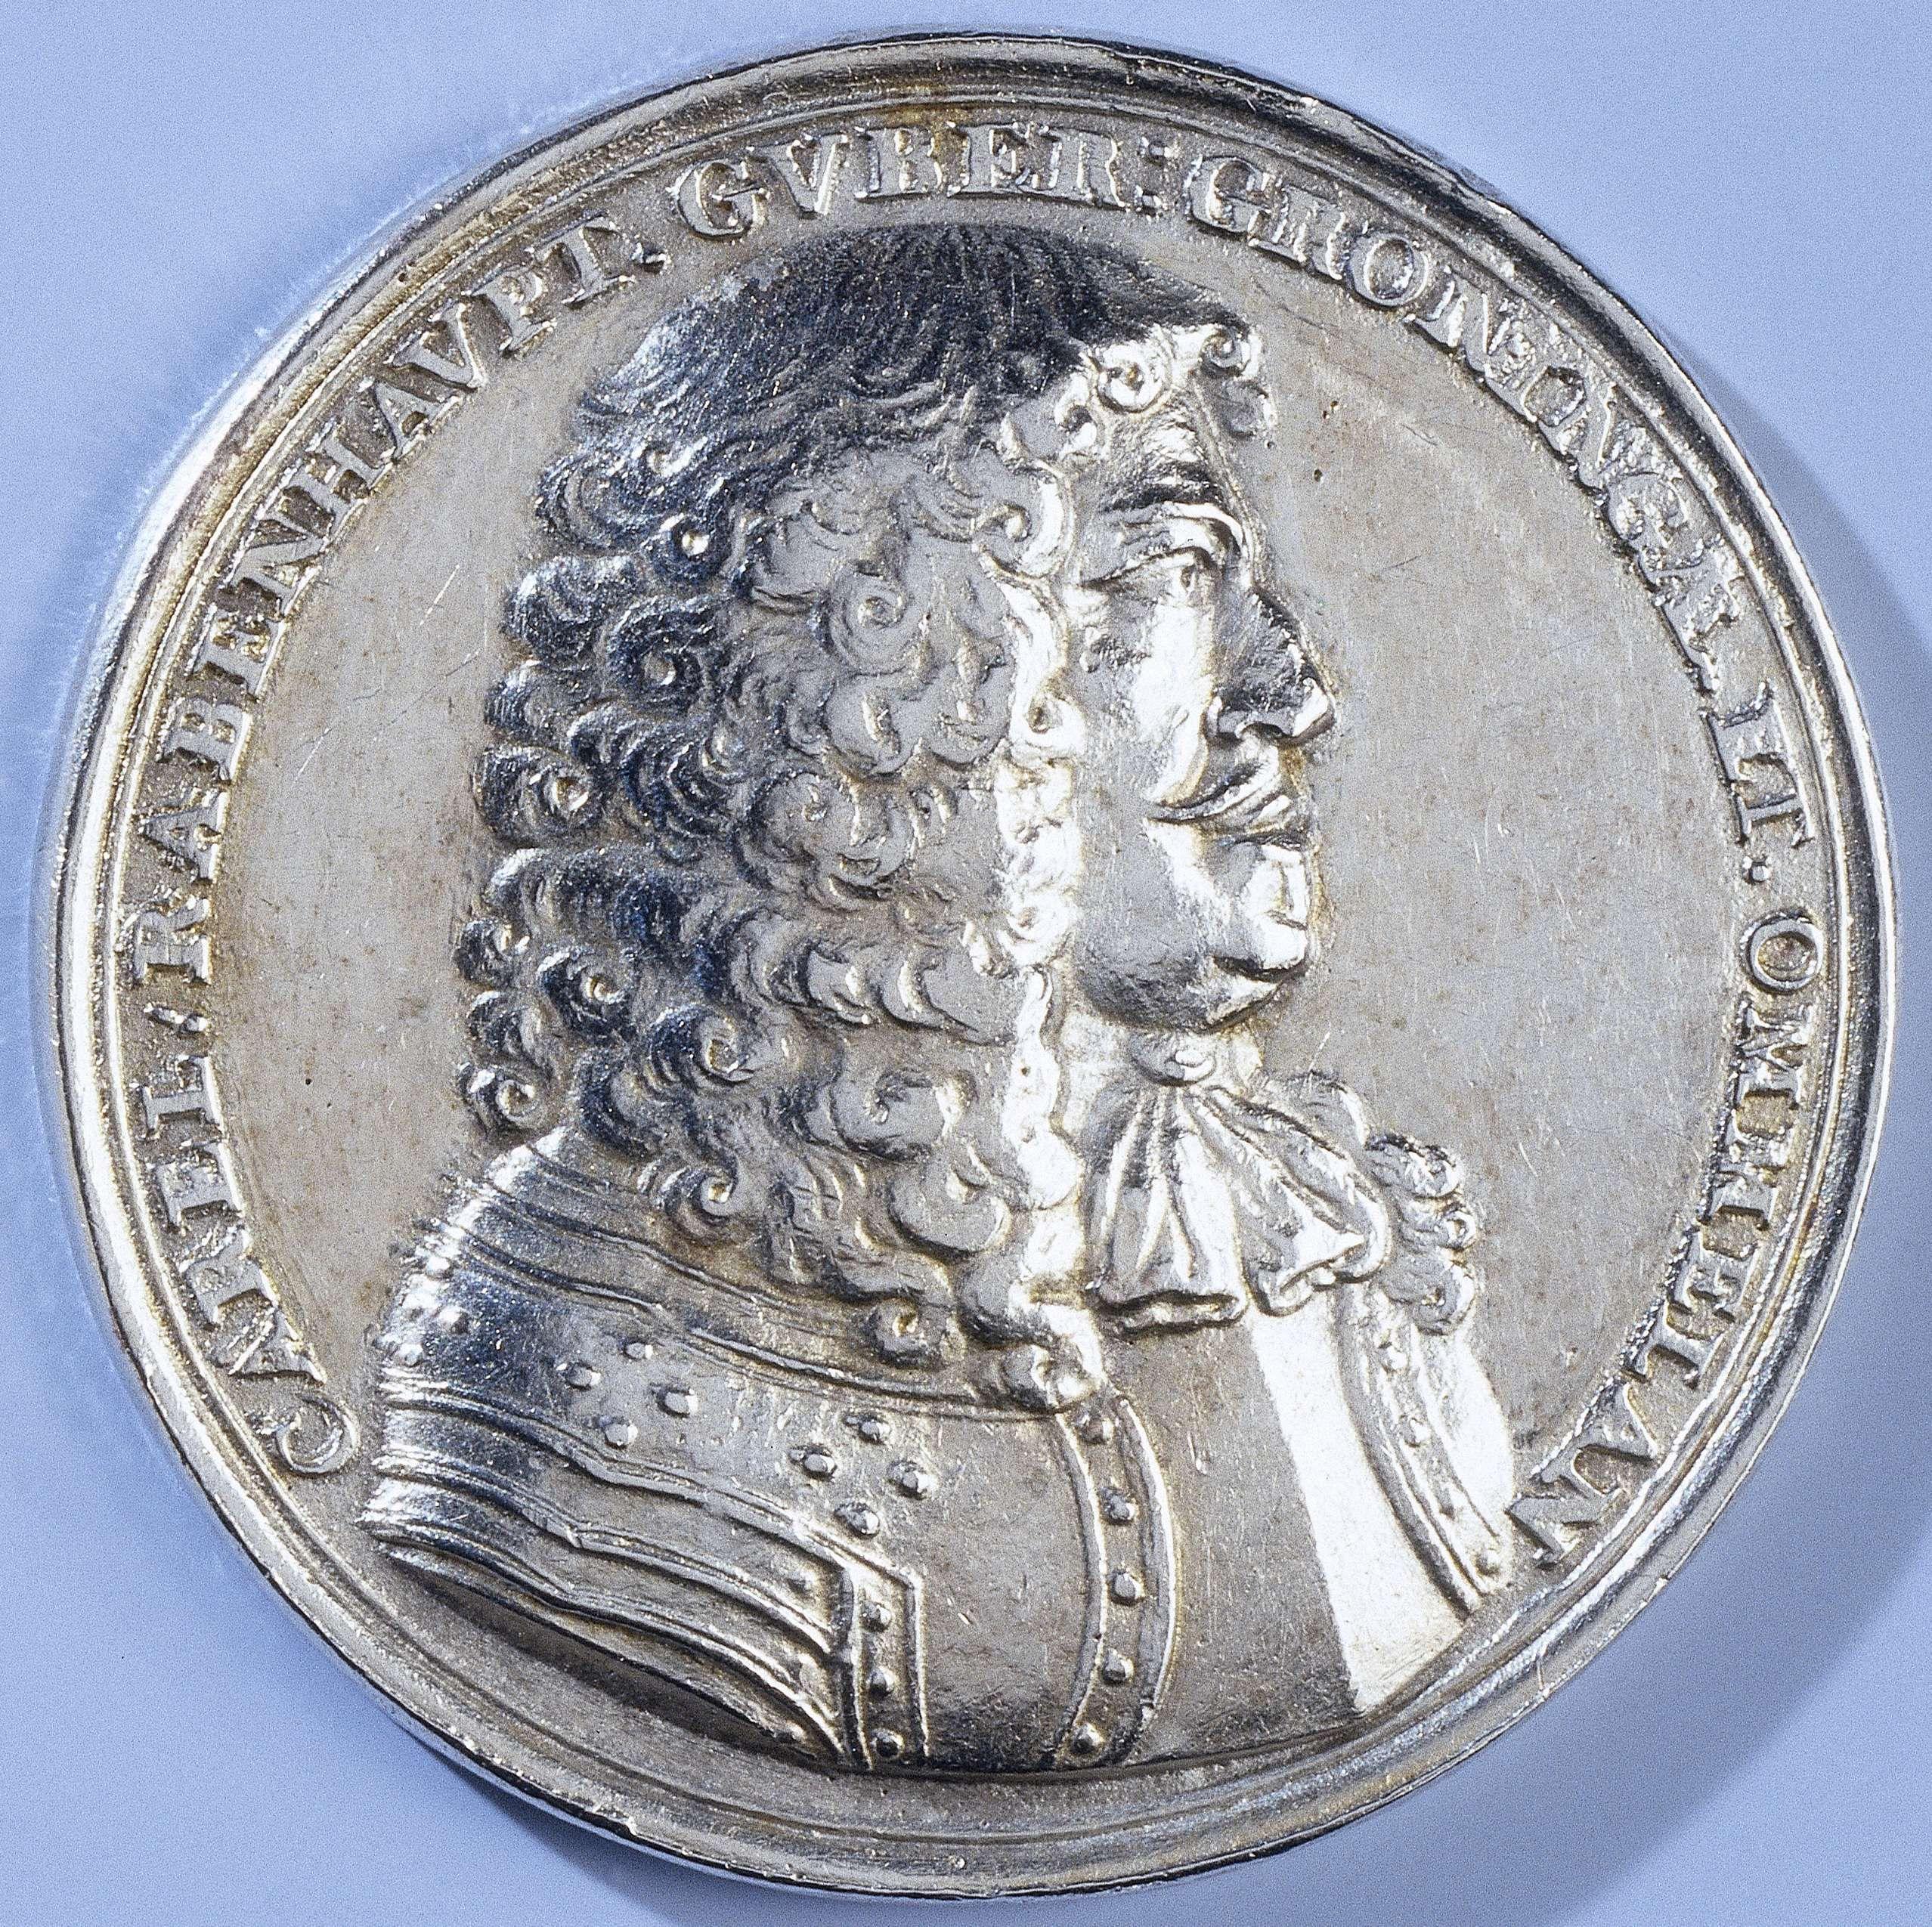 Anonymous | Carel Rabenhaupt, bevelhebber der stad Groningen, Anonymous, 1672 | Zilveren penning. Voorzijde: borststuk man binnen omschrift. Keerzijde: opschrift tussen zegepalmen.